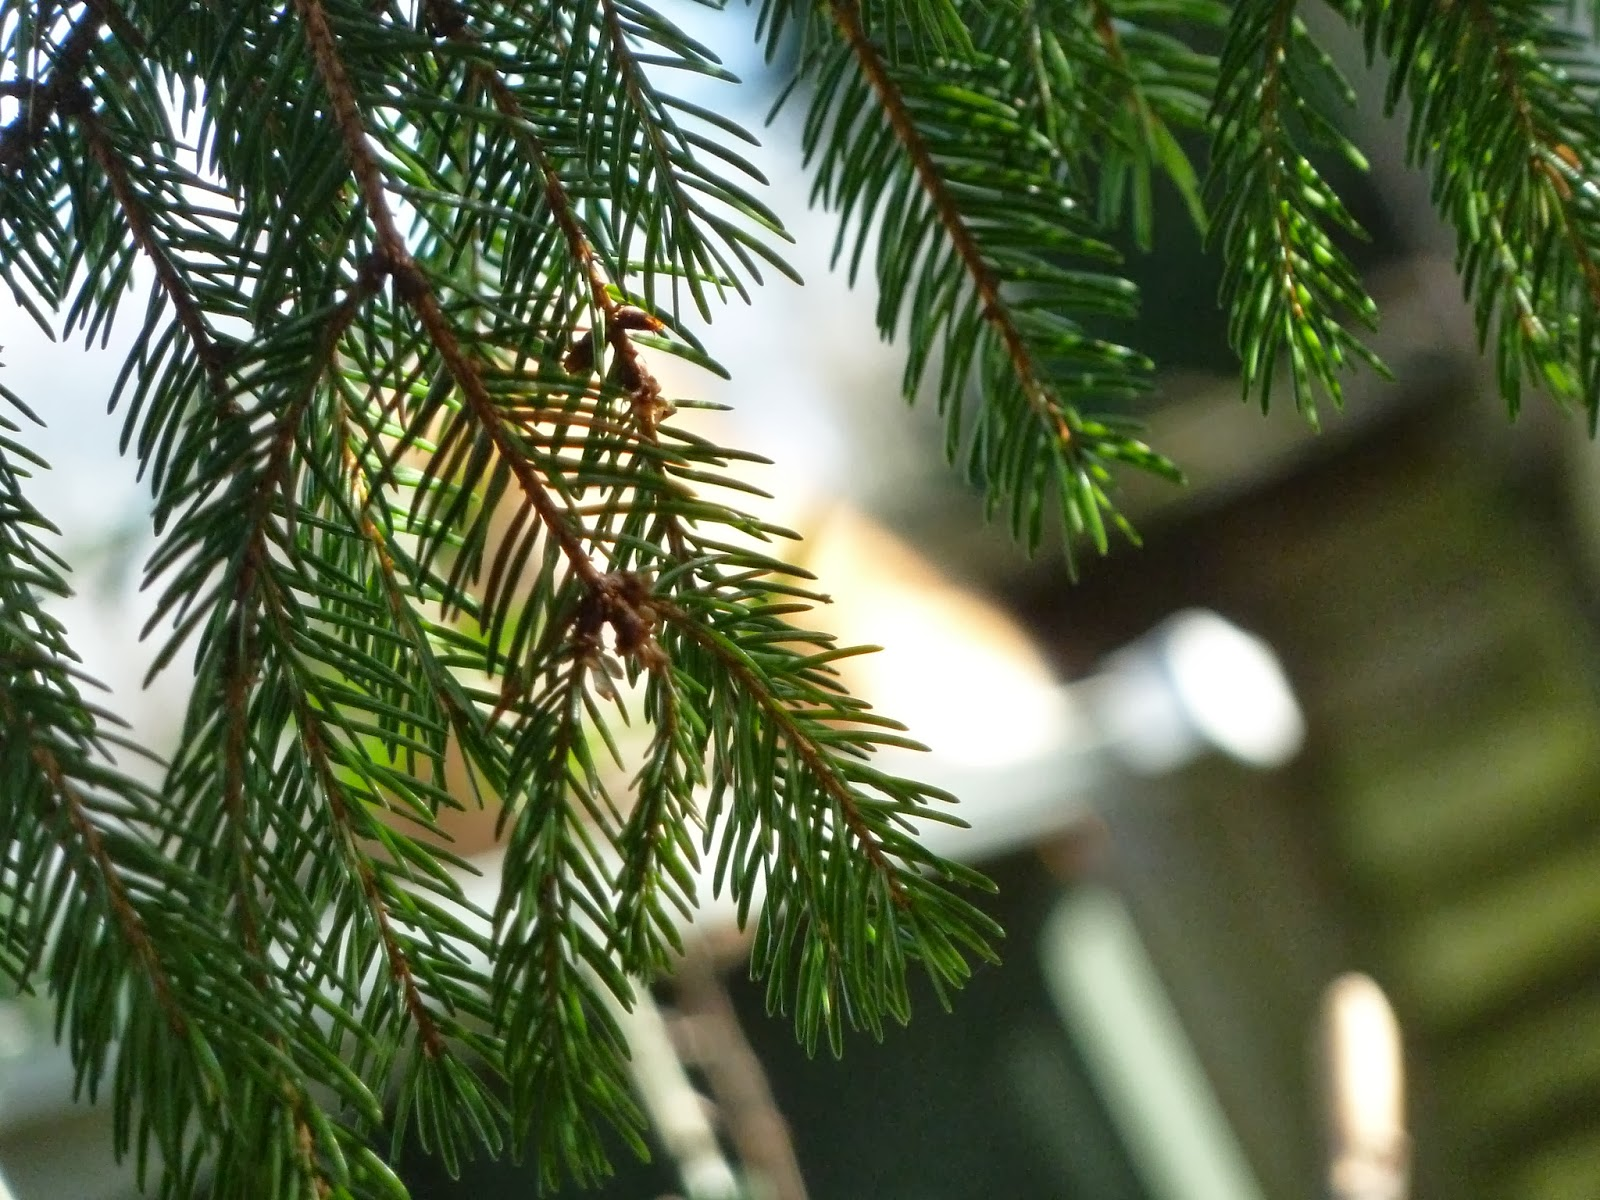 Through fir fronds